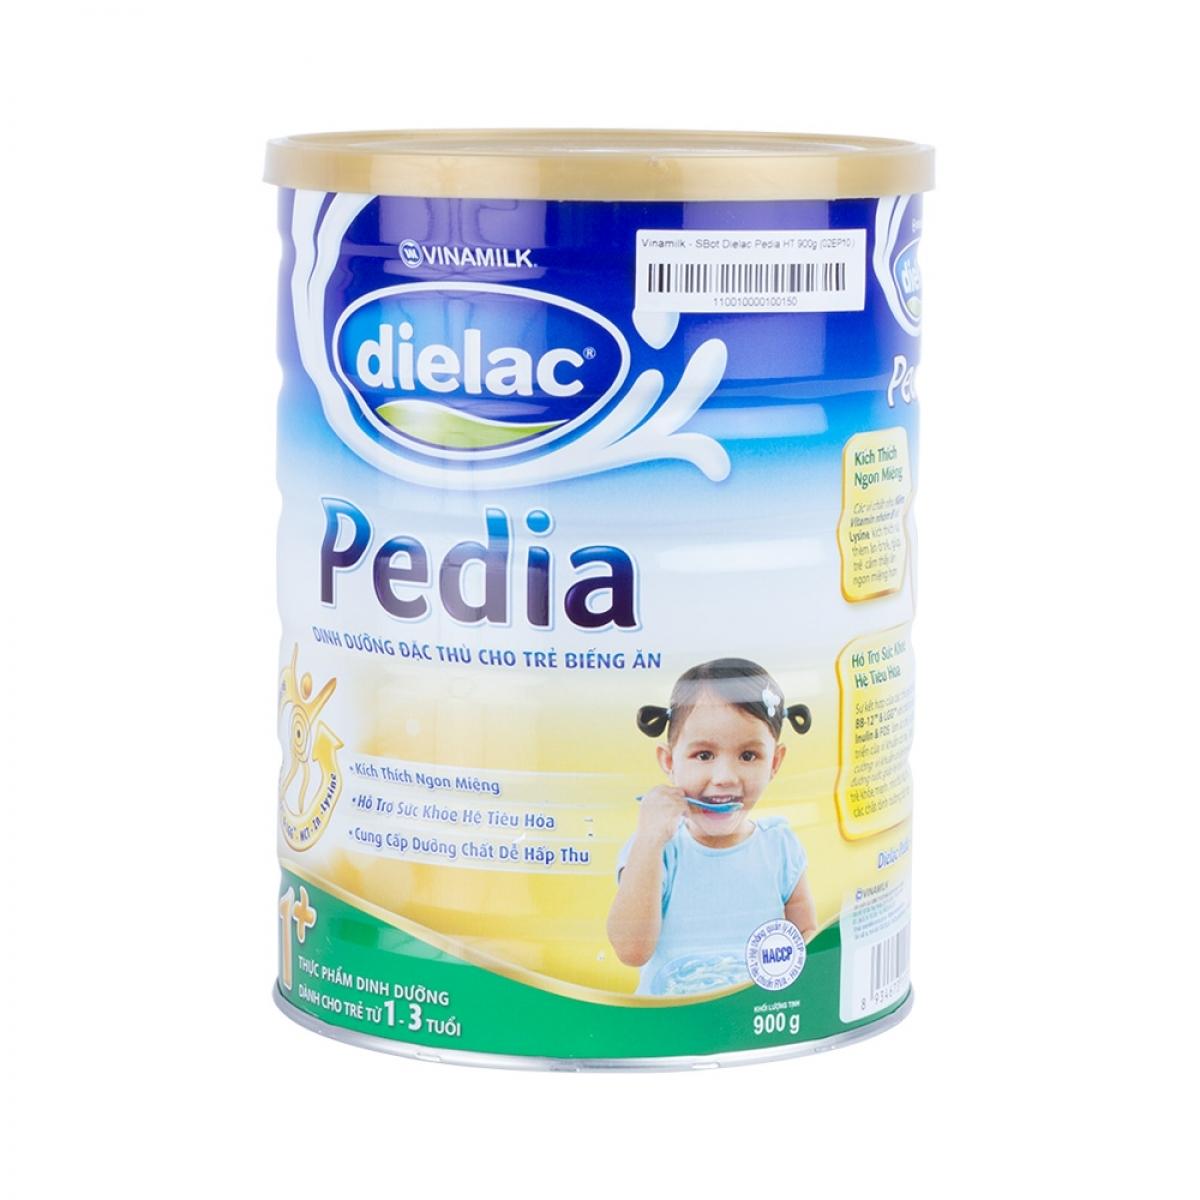 Đánh giá sữa bột Dielac Pedia của Vinamilk- Sữa dành cho trẻ biếng ăn, chậm  tăng cân | websosanh.vn